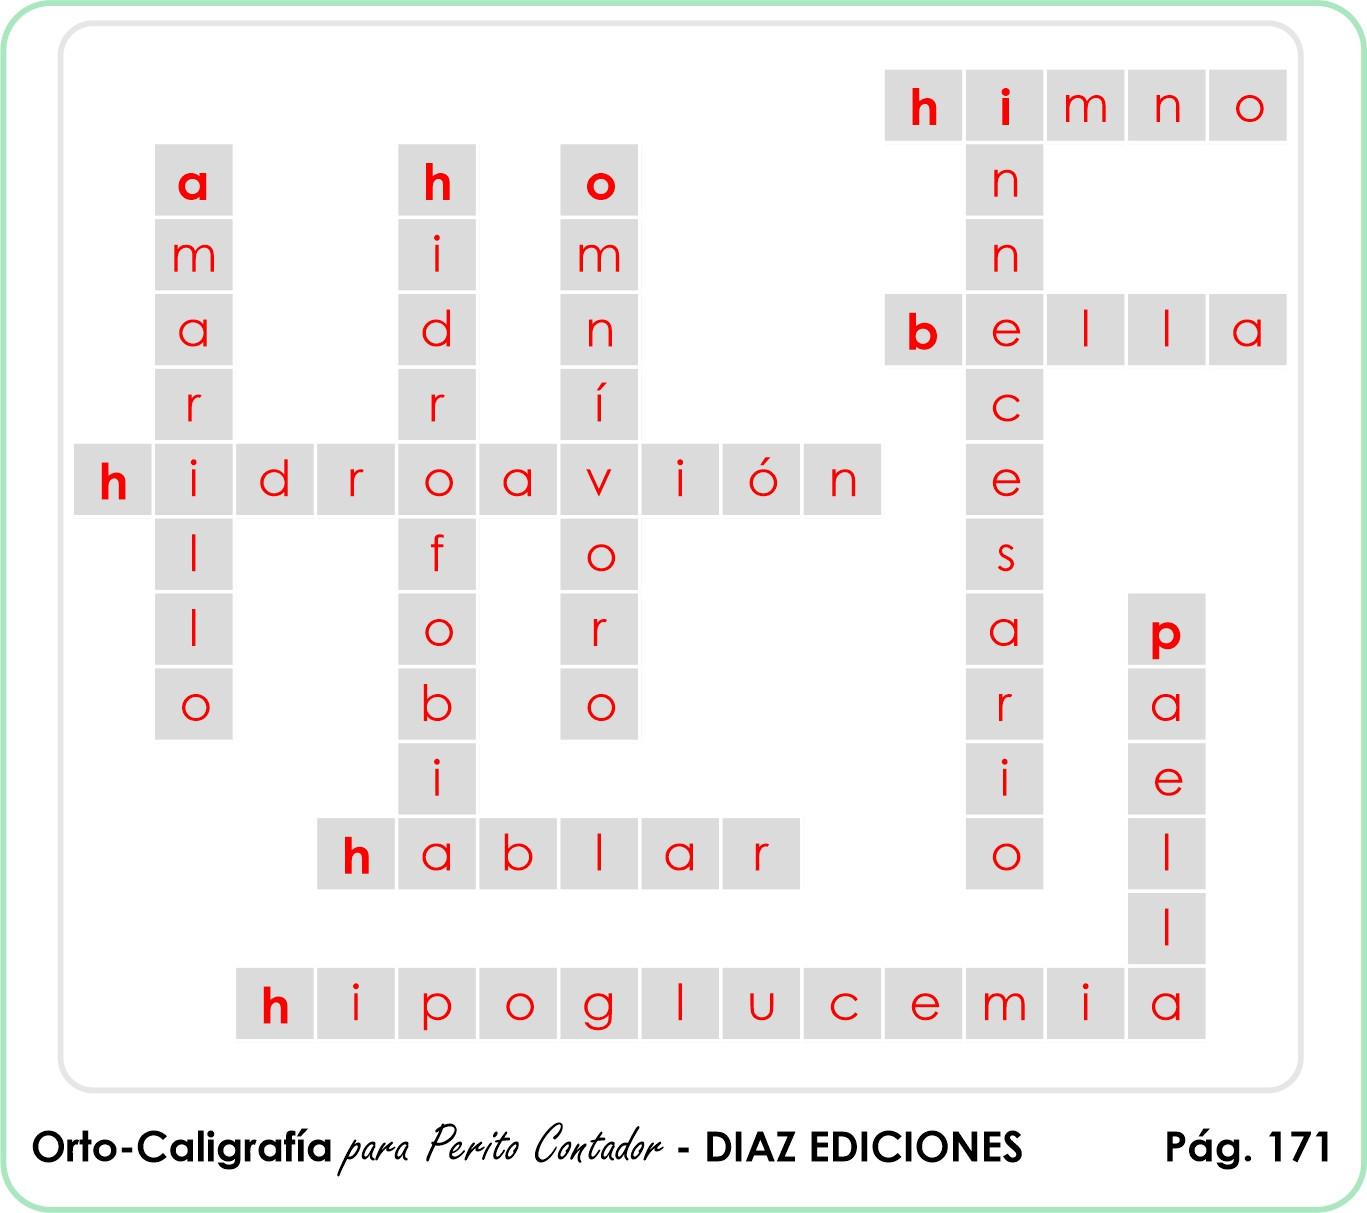 Soluciones Ejercicios Pag 171.jpg